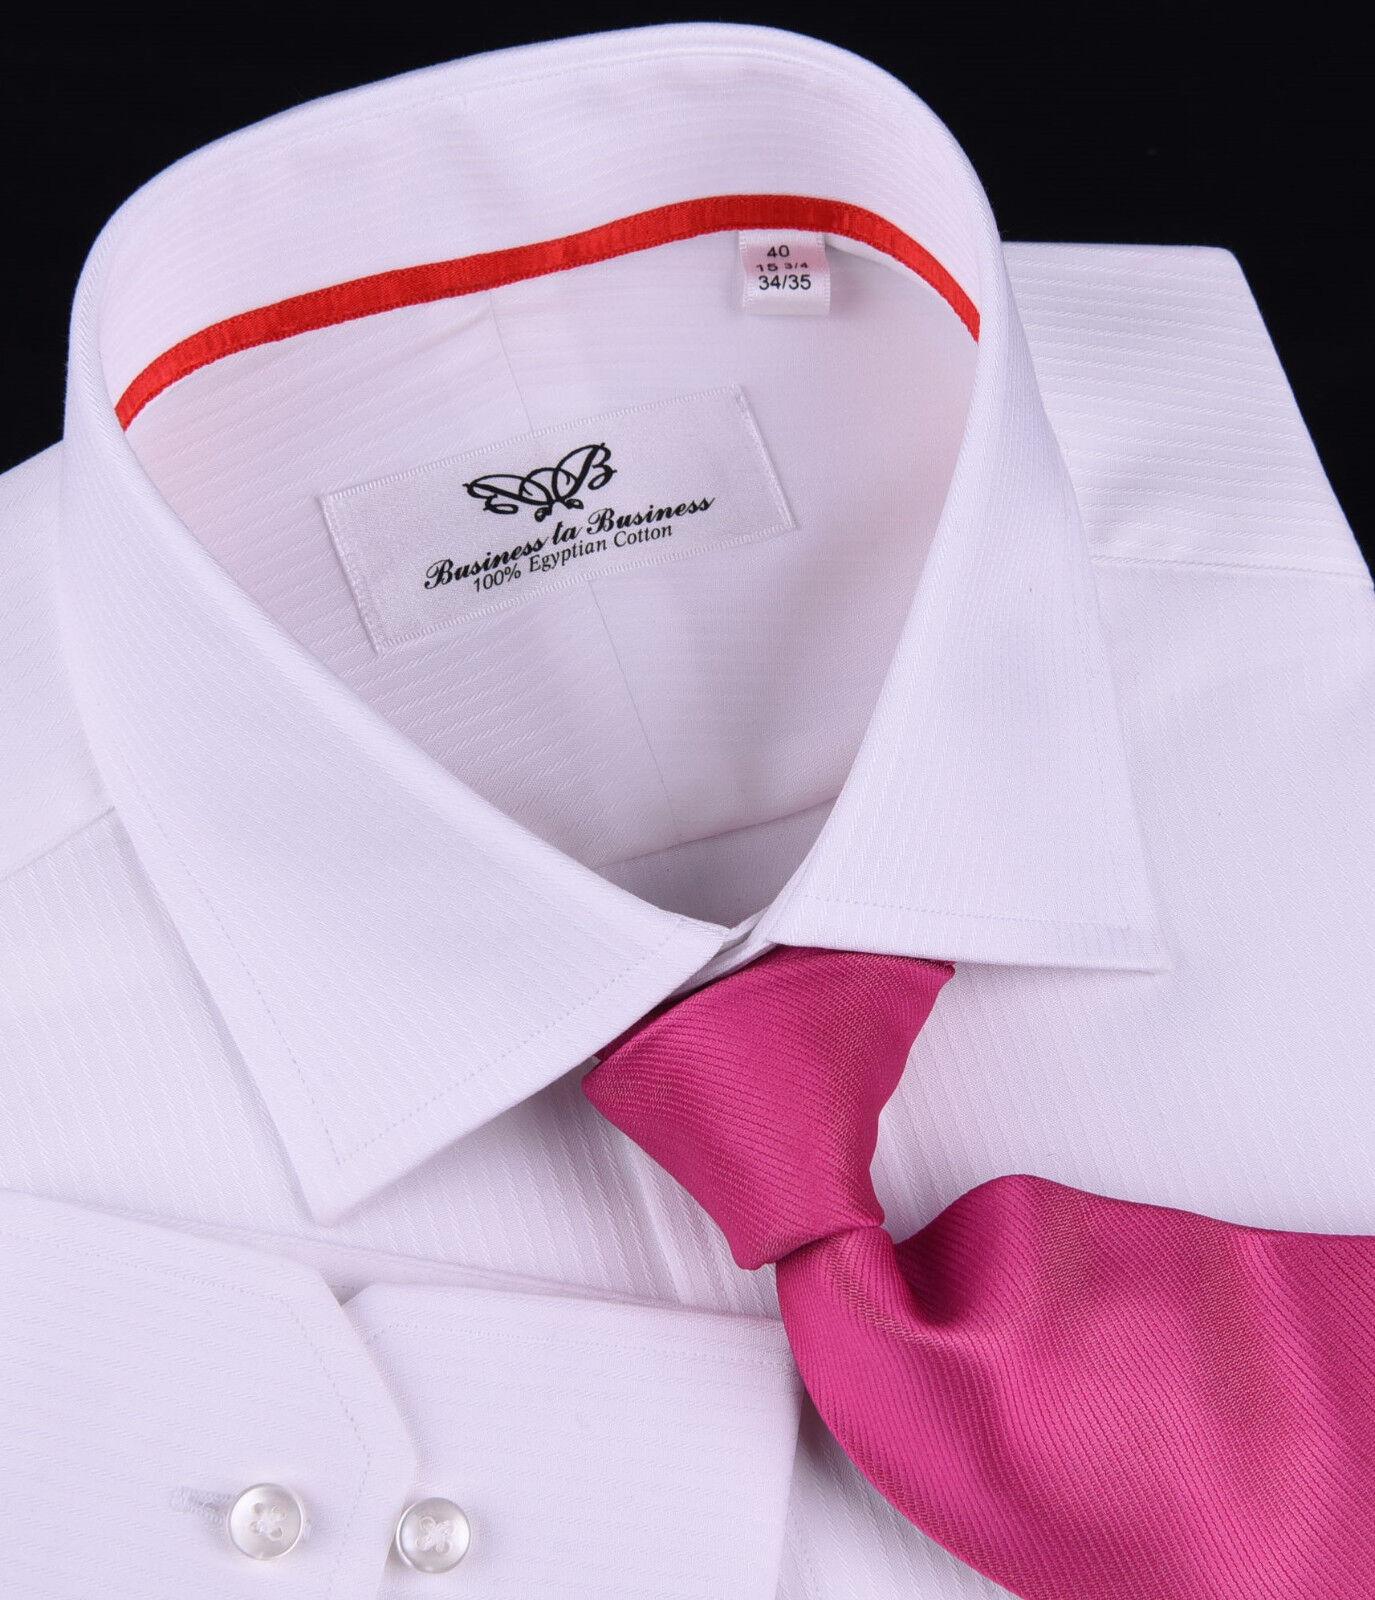 Herren Weiß Formal Geschäft Dress Shirt Luxury Designer Fashion Boss Wrinkle Free